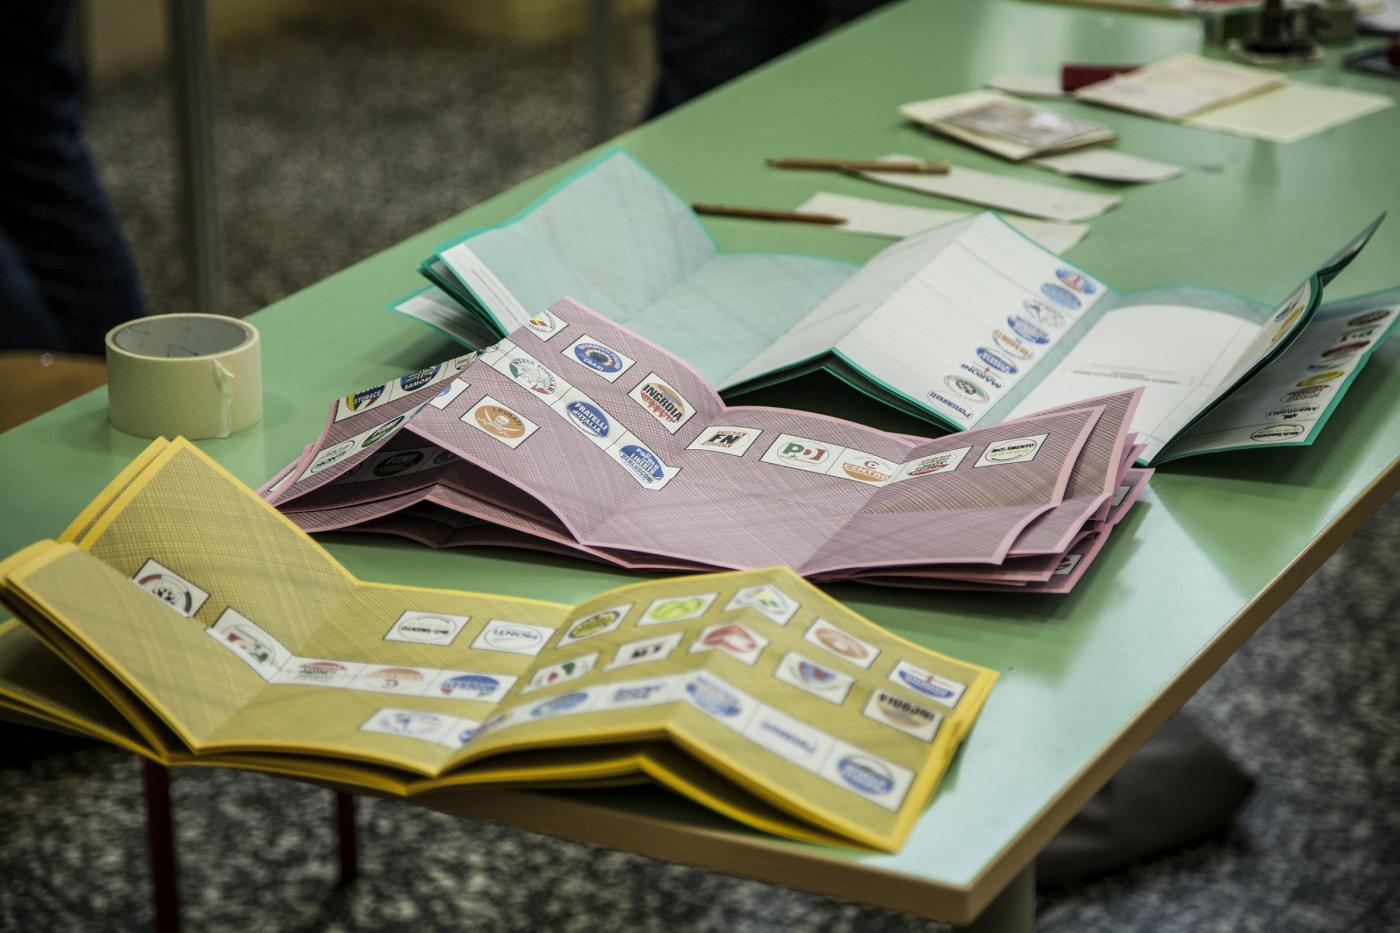 Agrigento: Ufficio elettorale comunale aperto il 2, 3 e 4 marzo  per il rilascio delle tessere elettorali